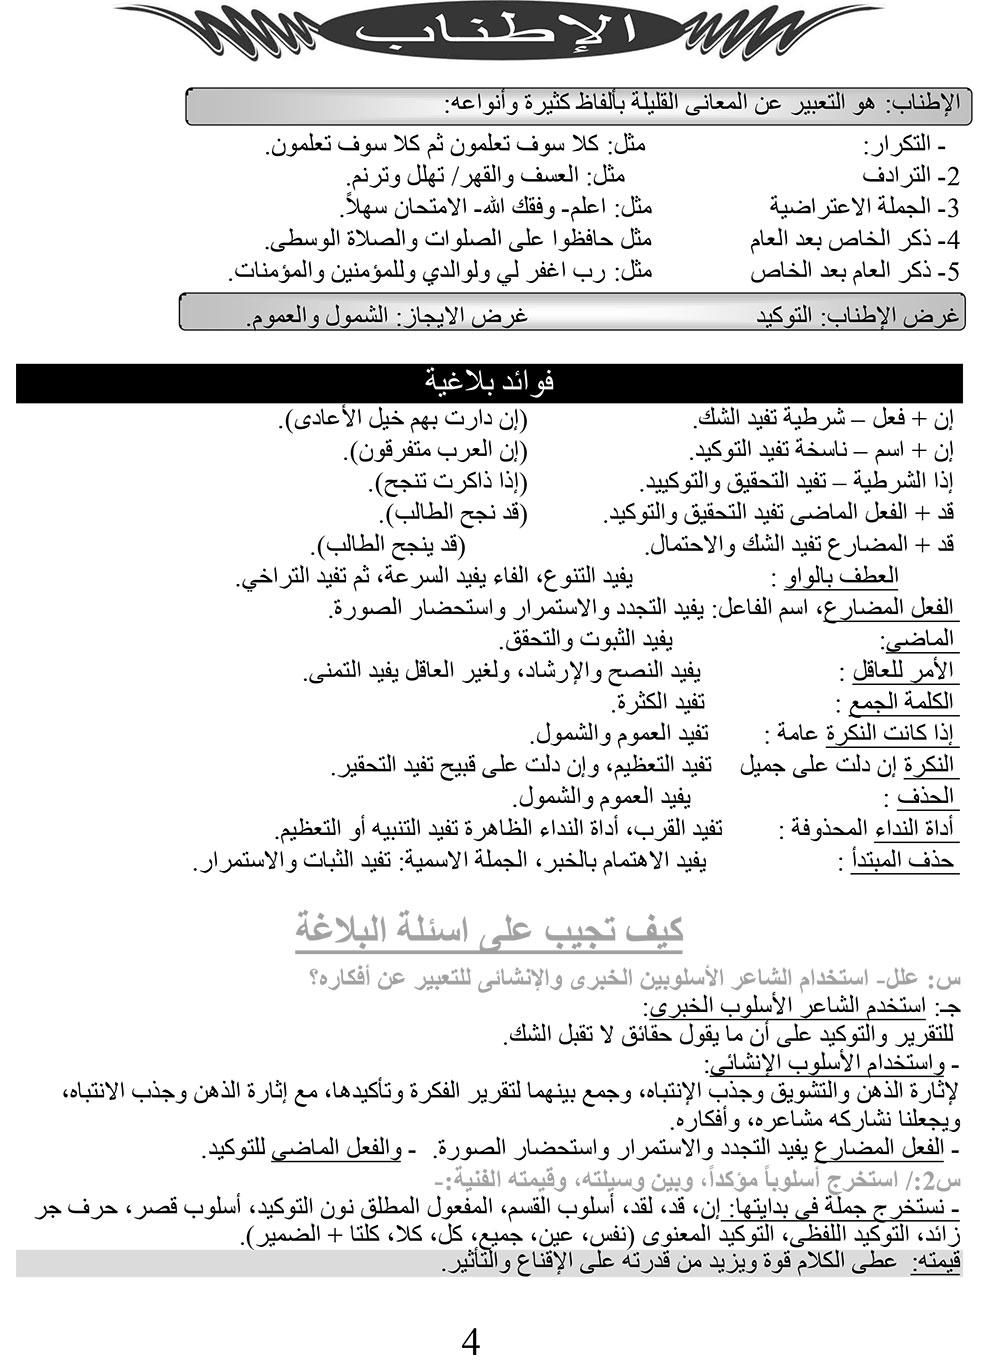 أقوى-المراجعات-النهائية-للثانوية-العامة--فى-اللغة-العربية-4